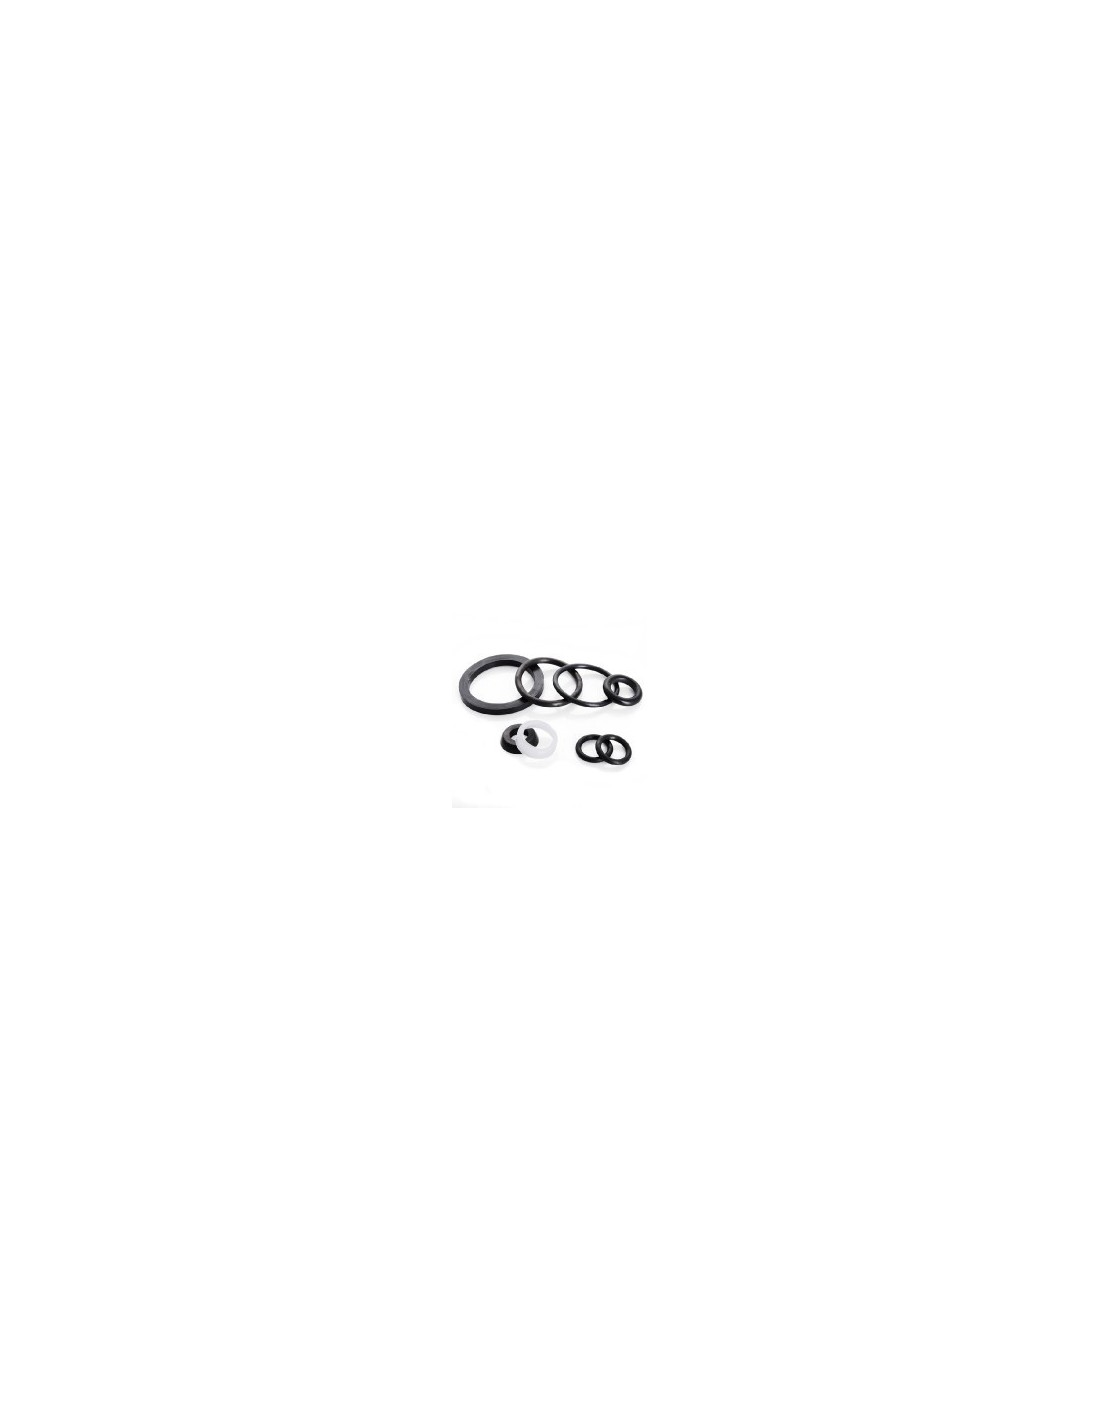 KOH00485 - Tillbehör - Packningssats för tappkran